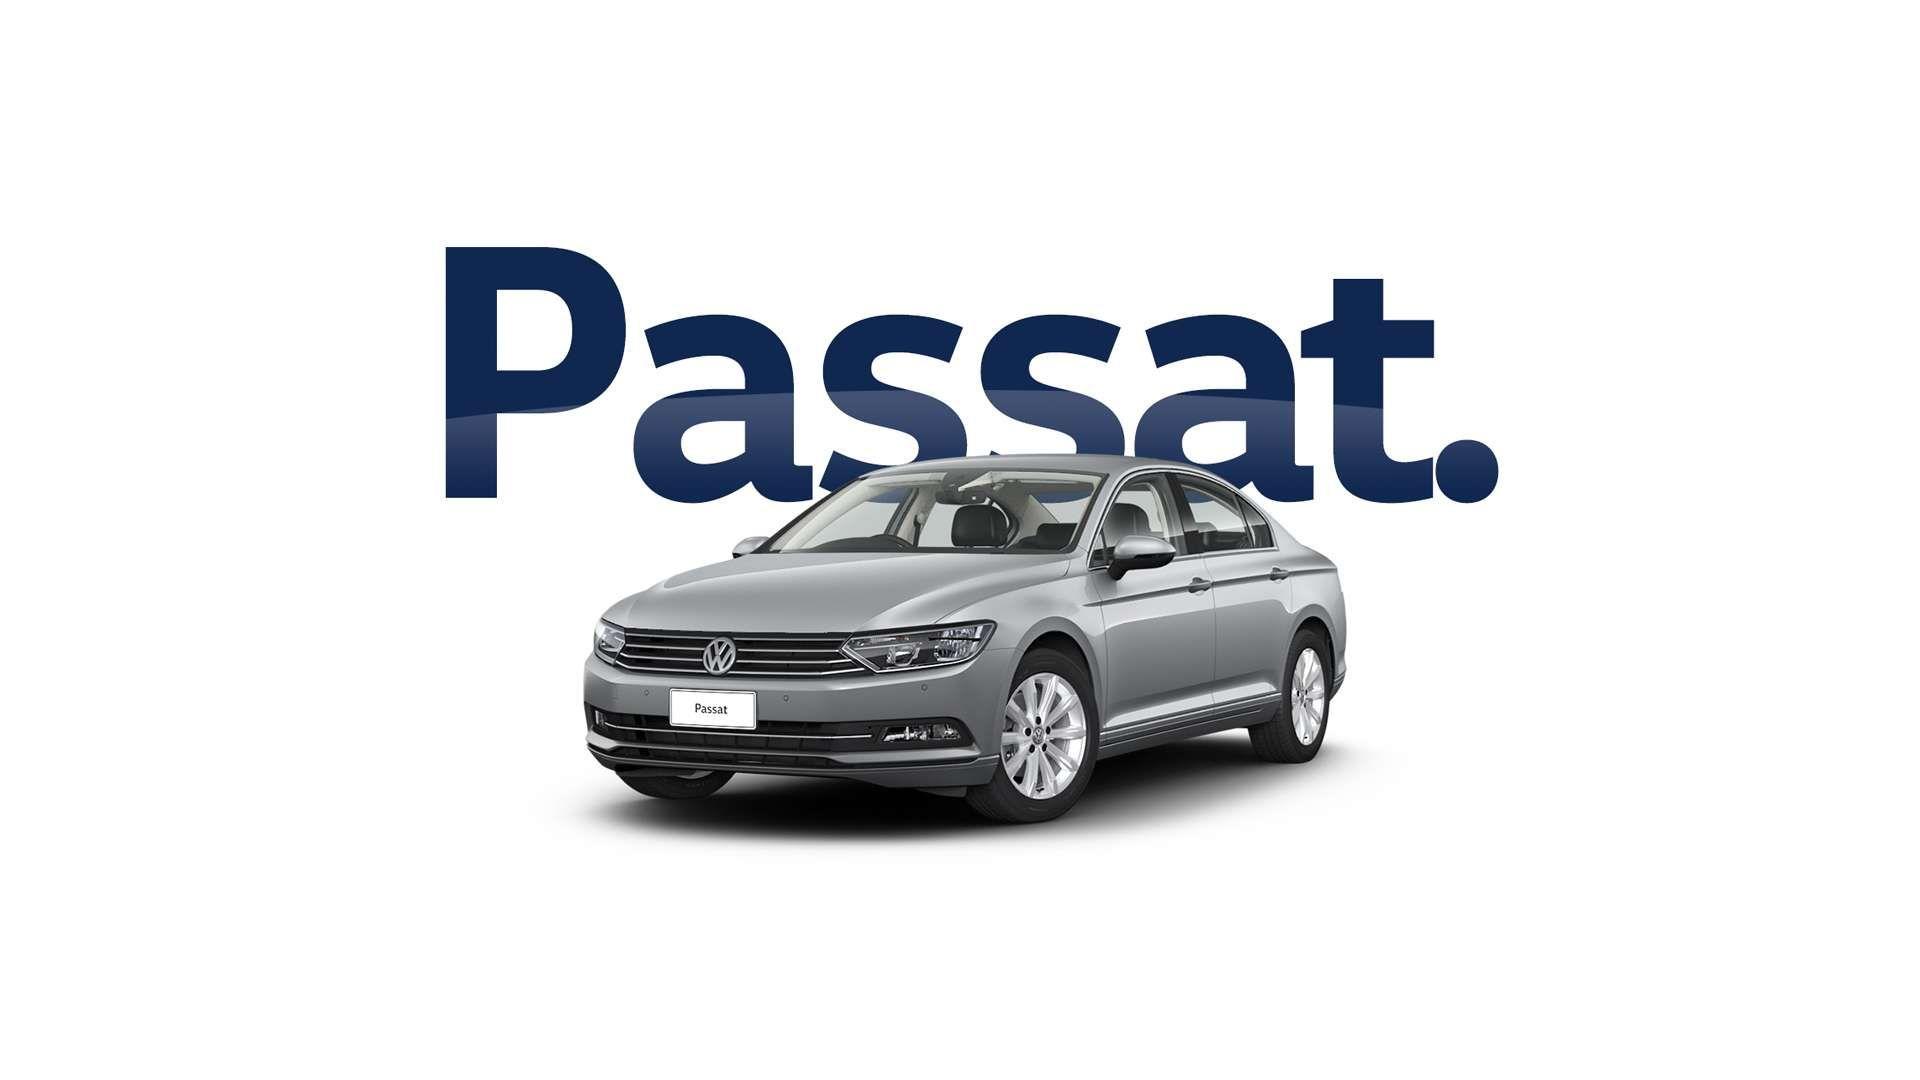 Passat_Sedan